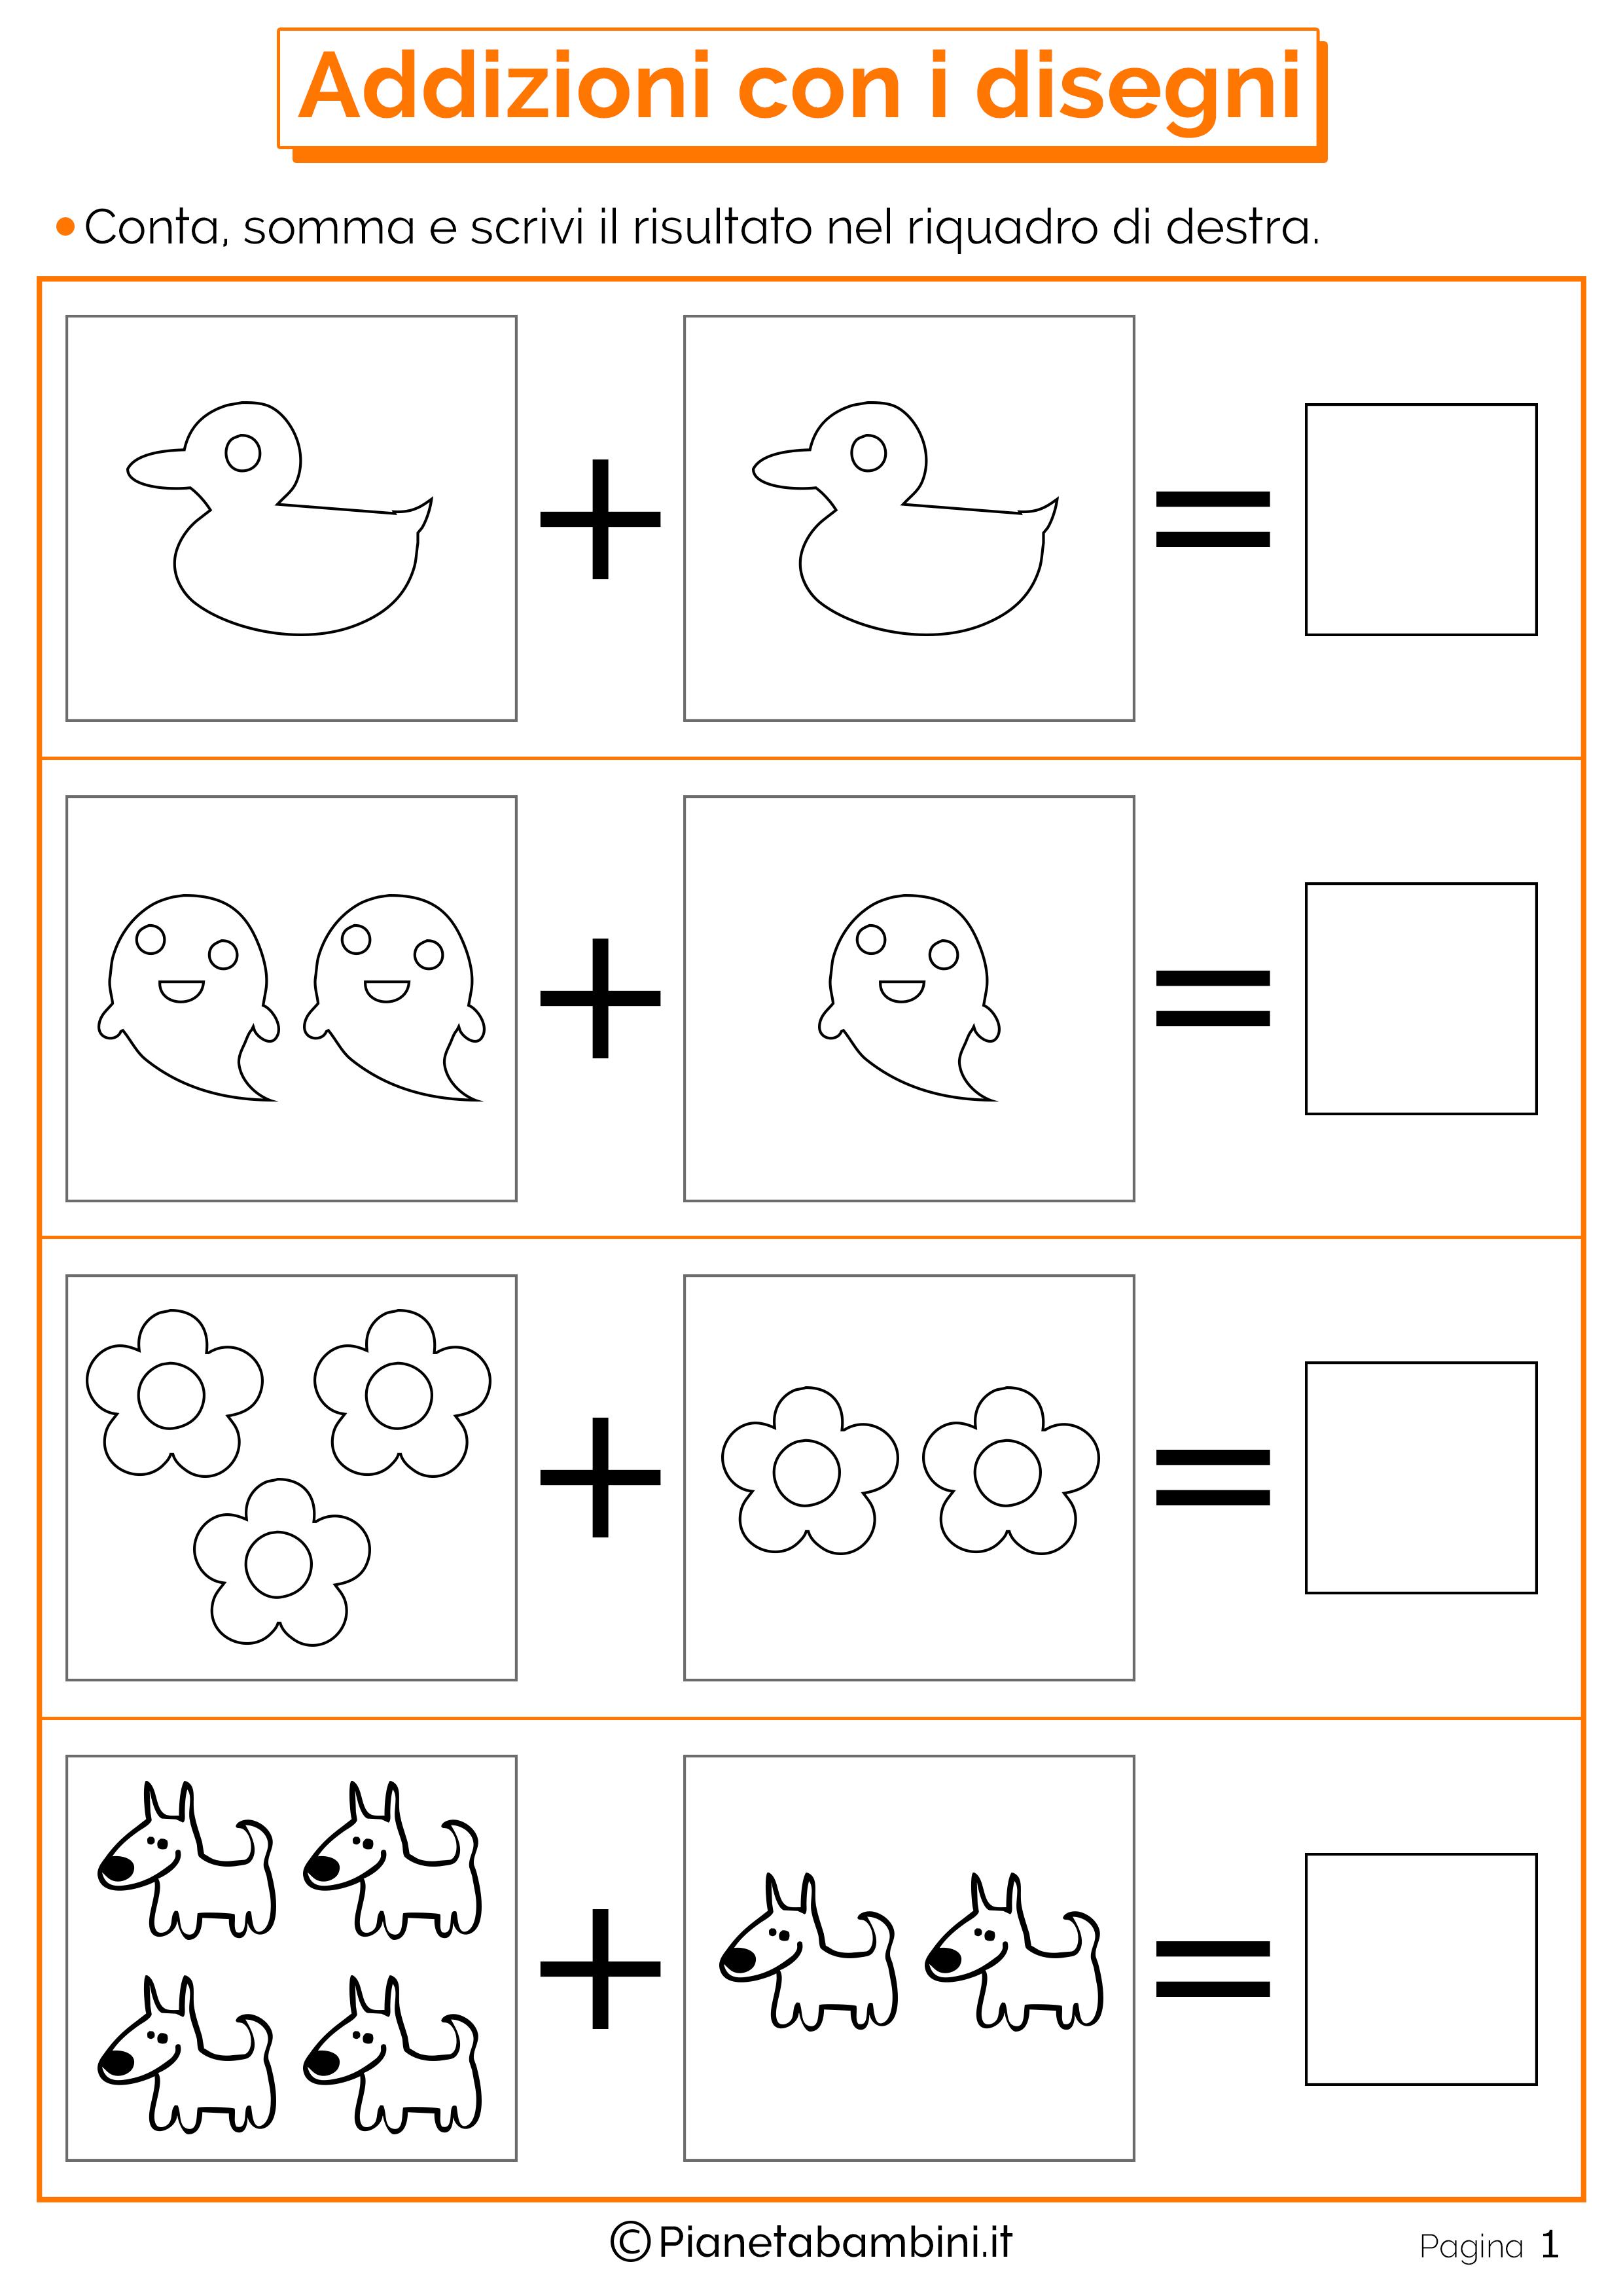 Top Giochi di Matematica sulle Addizioni per Bambini da Stampare  GR77